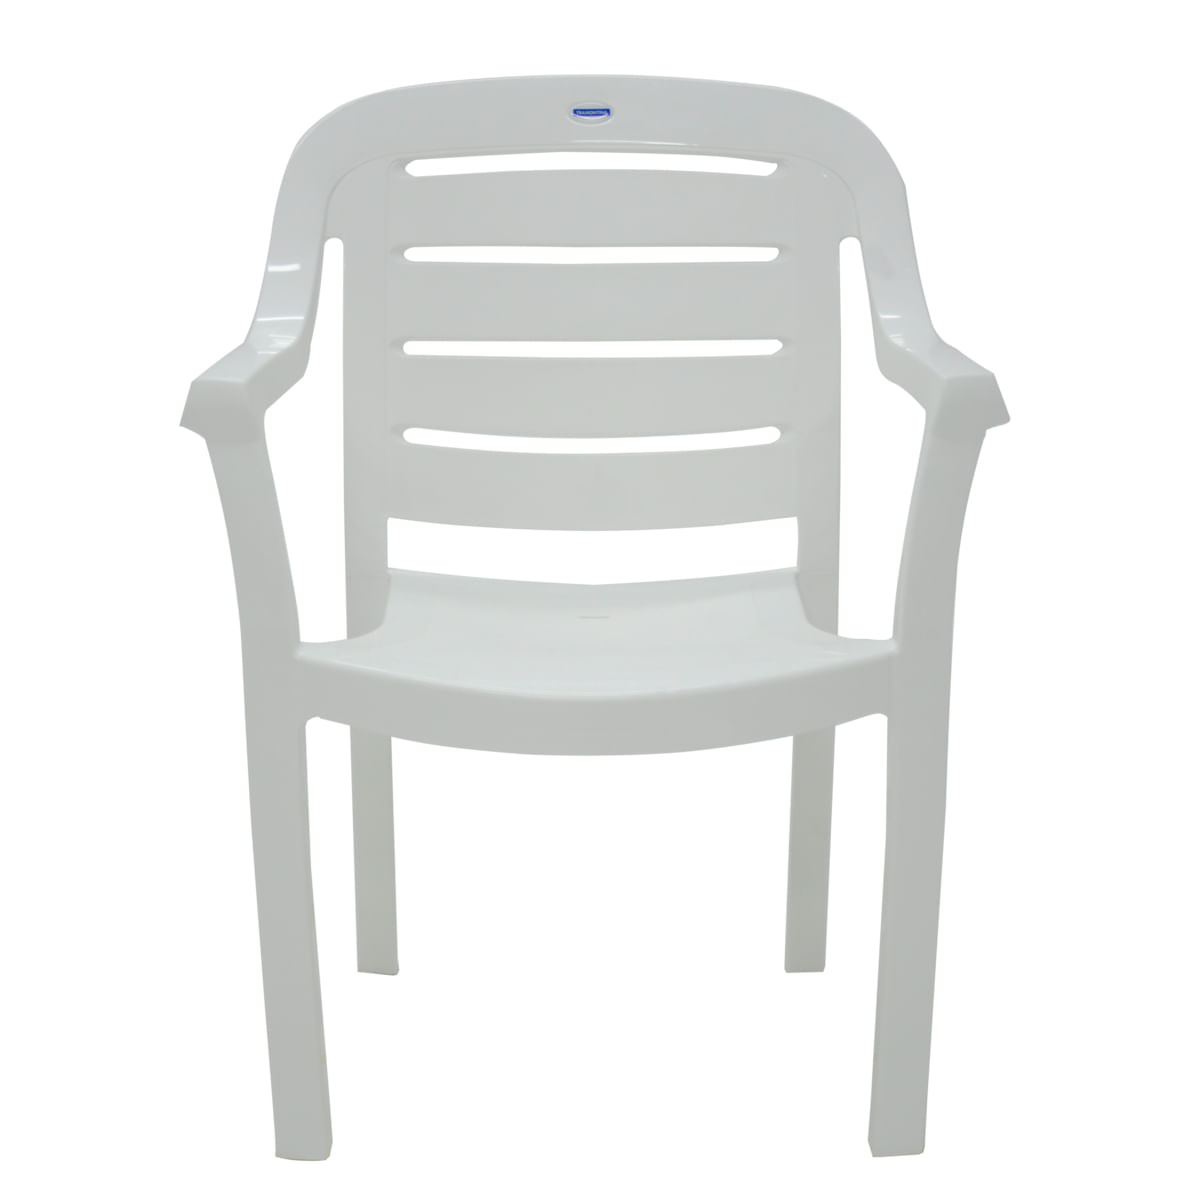 Cadeira Tramontina Miami Branco com Braços Encosto Horizontal em Polipropileno